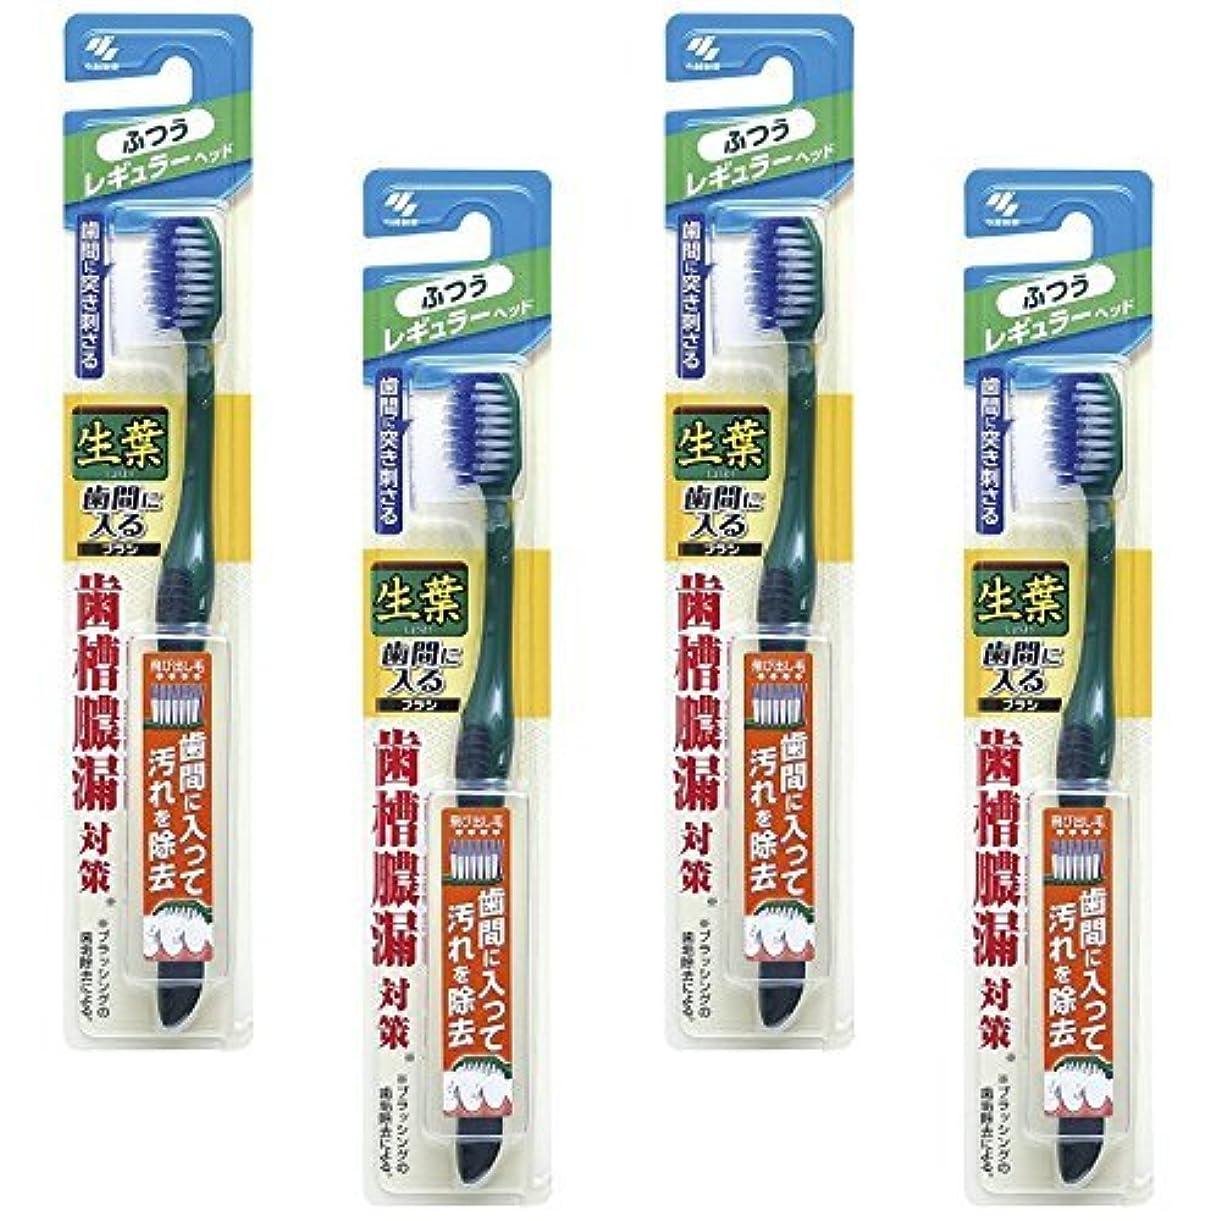 人差し指タオル超越する【まとめ買い】生葉(しょうよう)歯間に入るブラシ 歯ブラシ レギュラー ふつう ×4個